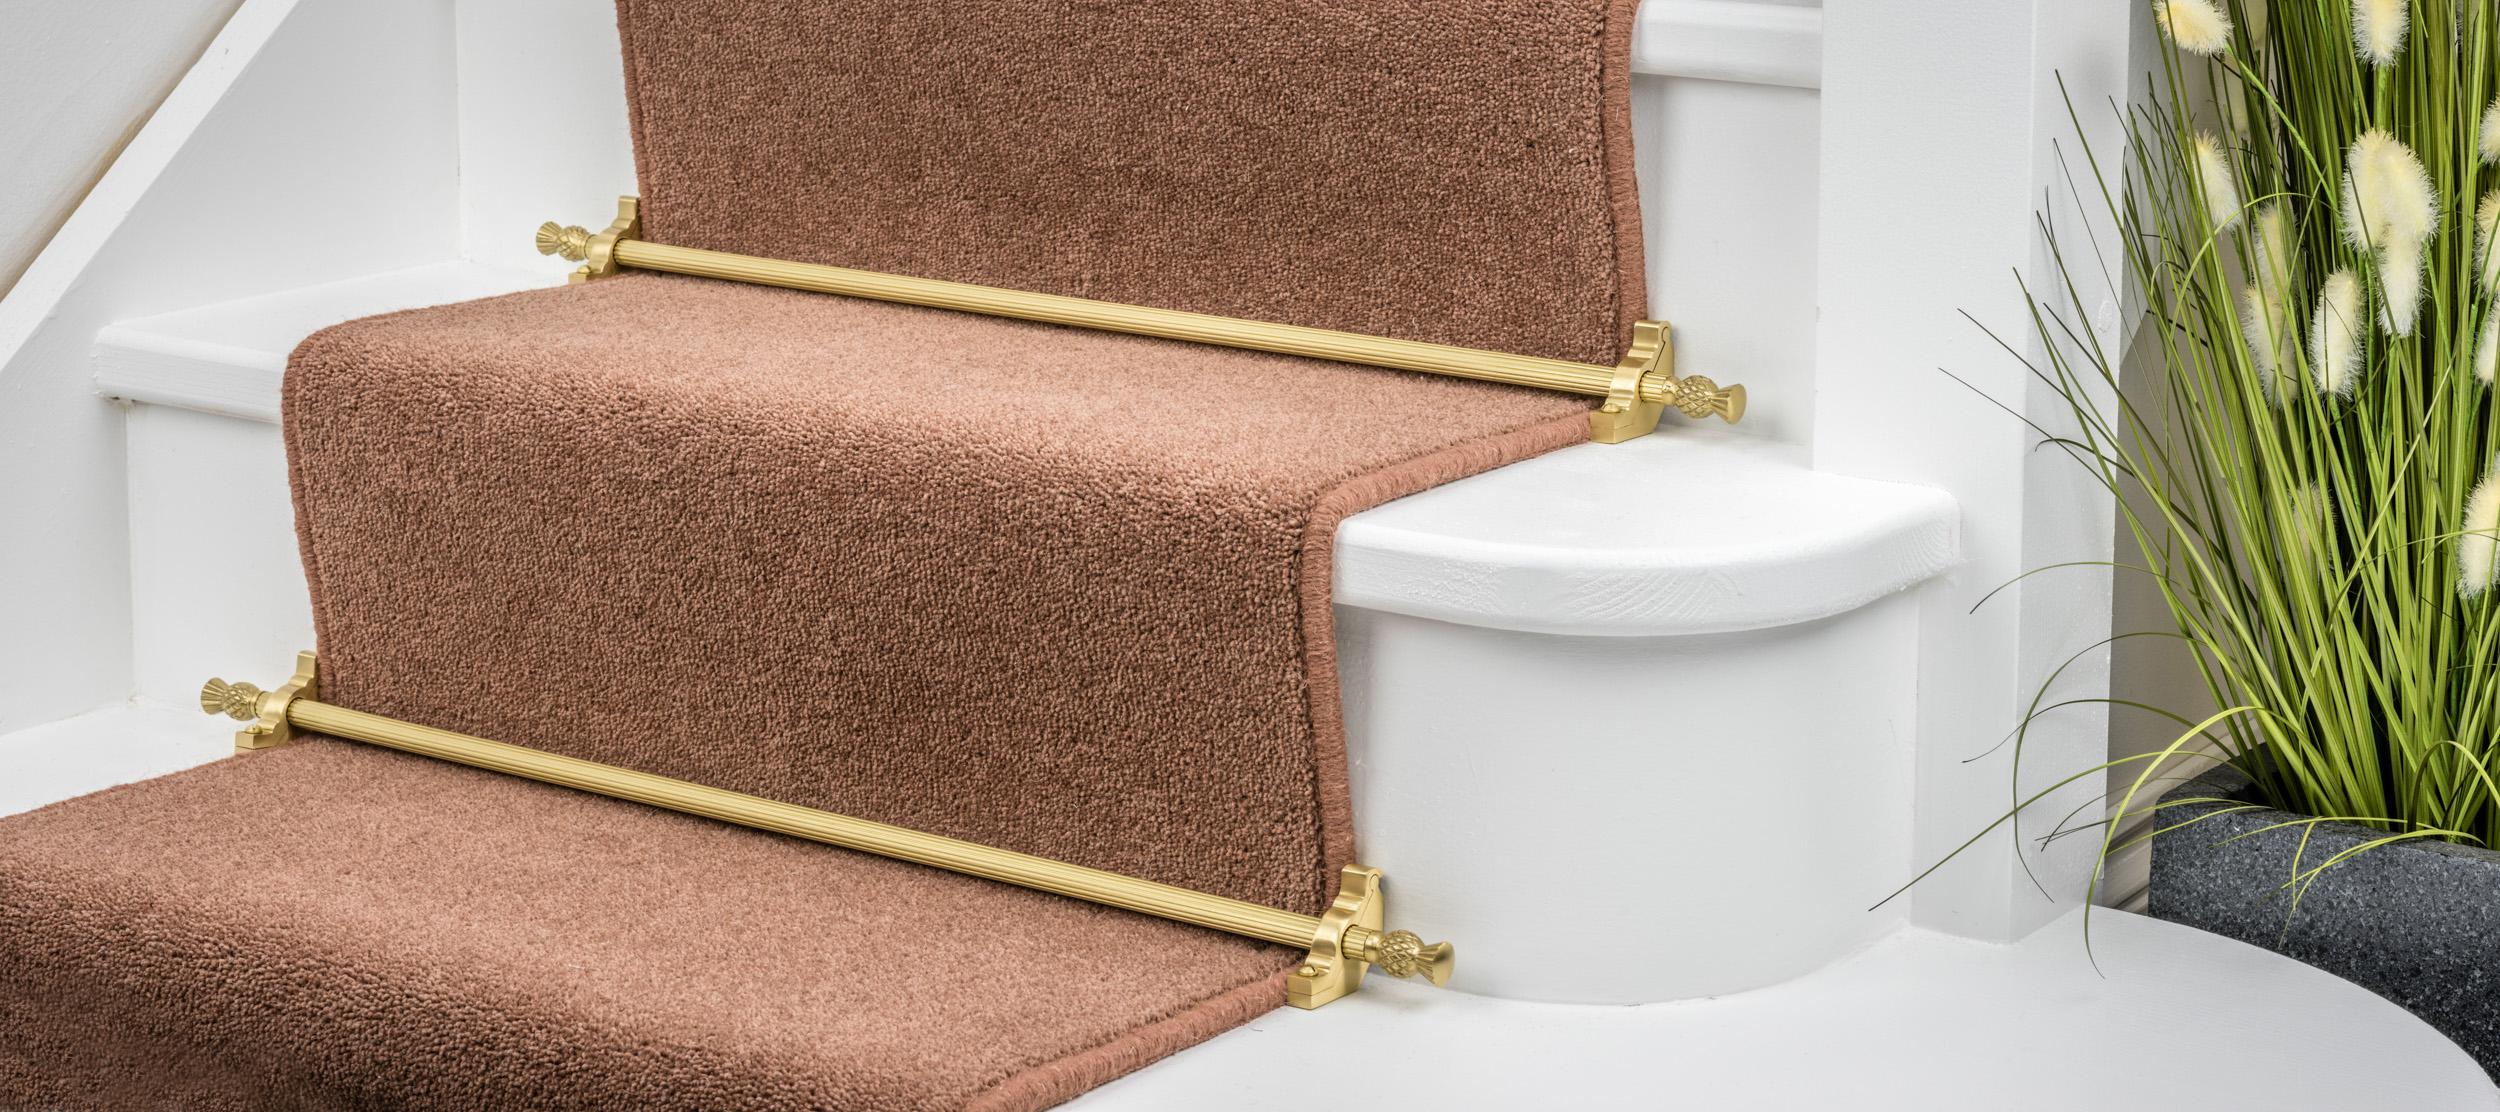 stairrods-satin-brass-reeded-arran.jpg